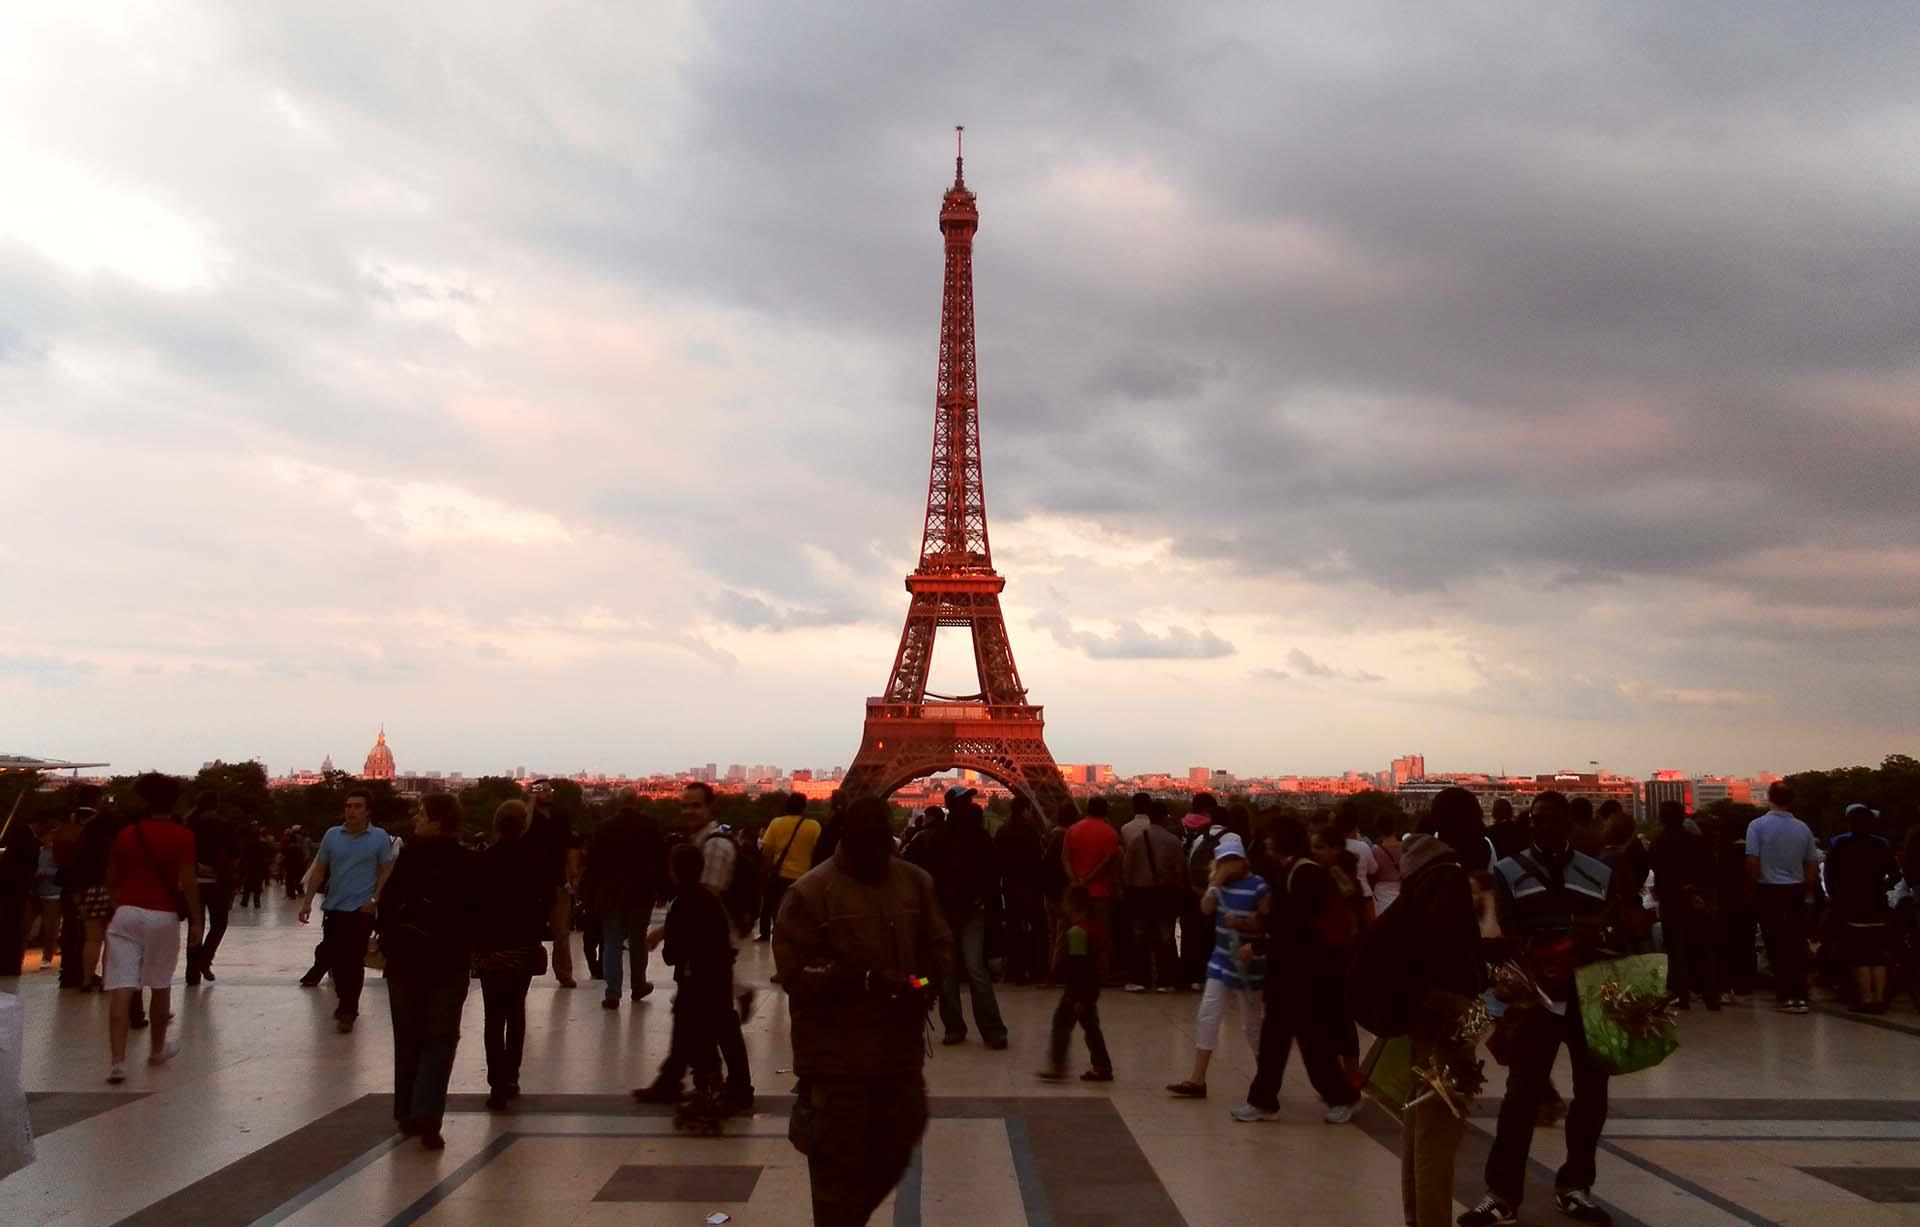 Eifelturm als Symbolbild der Fachschaft Französisch